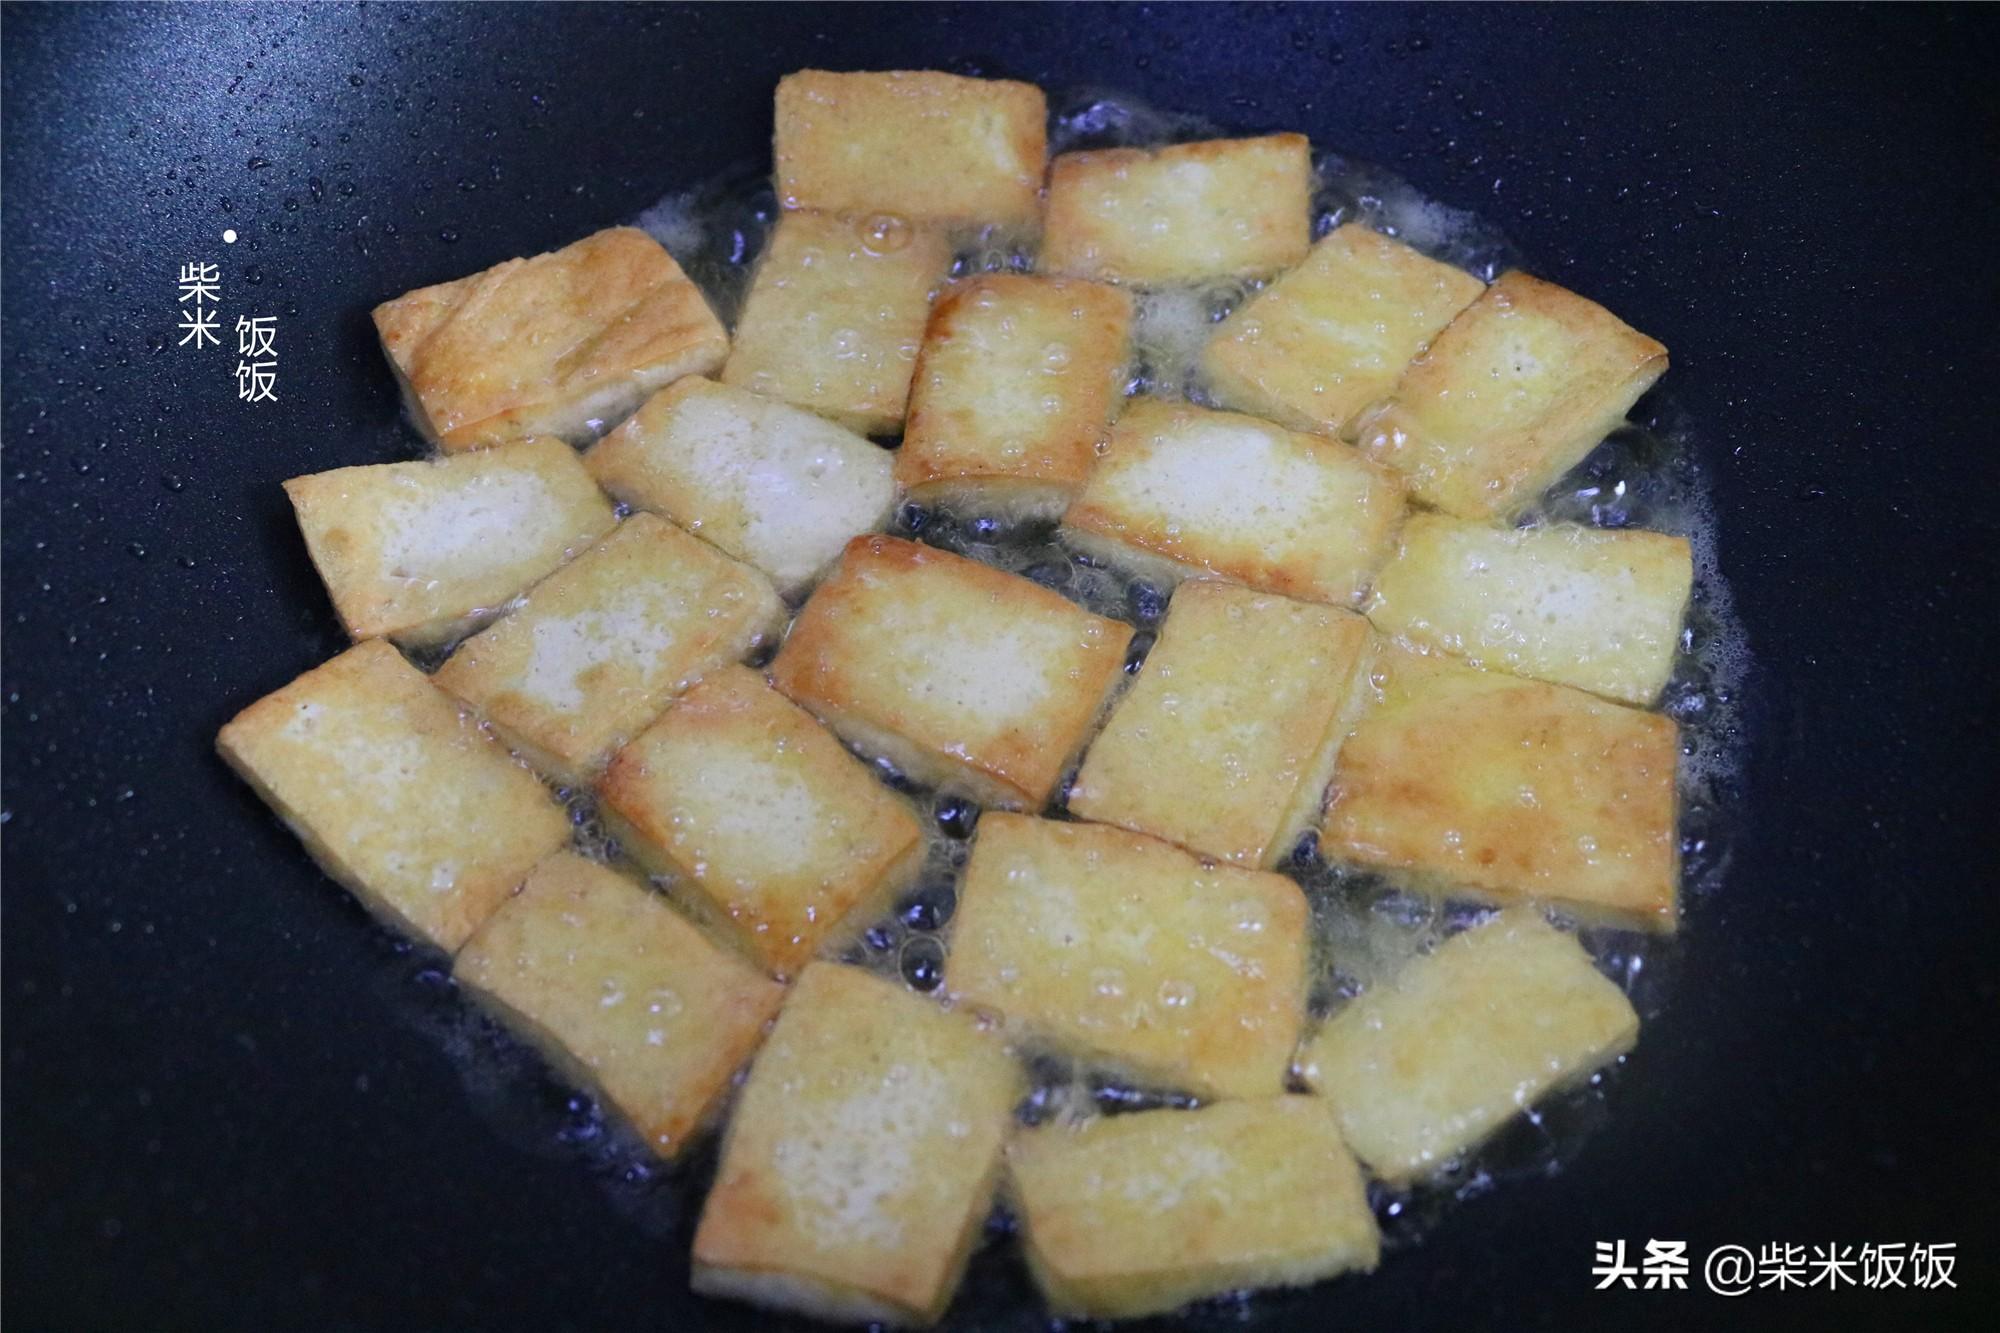 豆腐这样做太好吃了,入味又多汁 美食做法 第2张